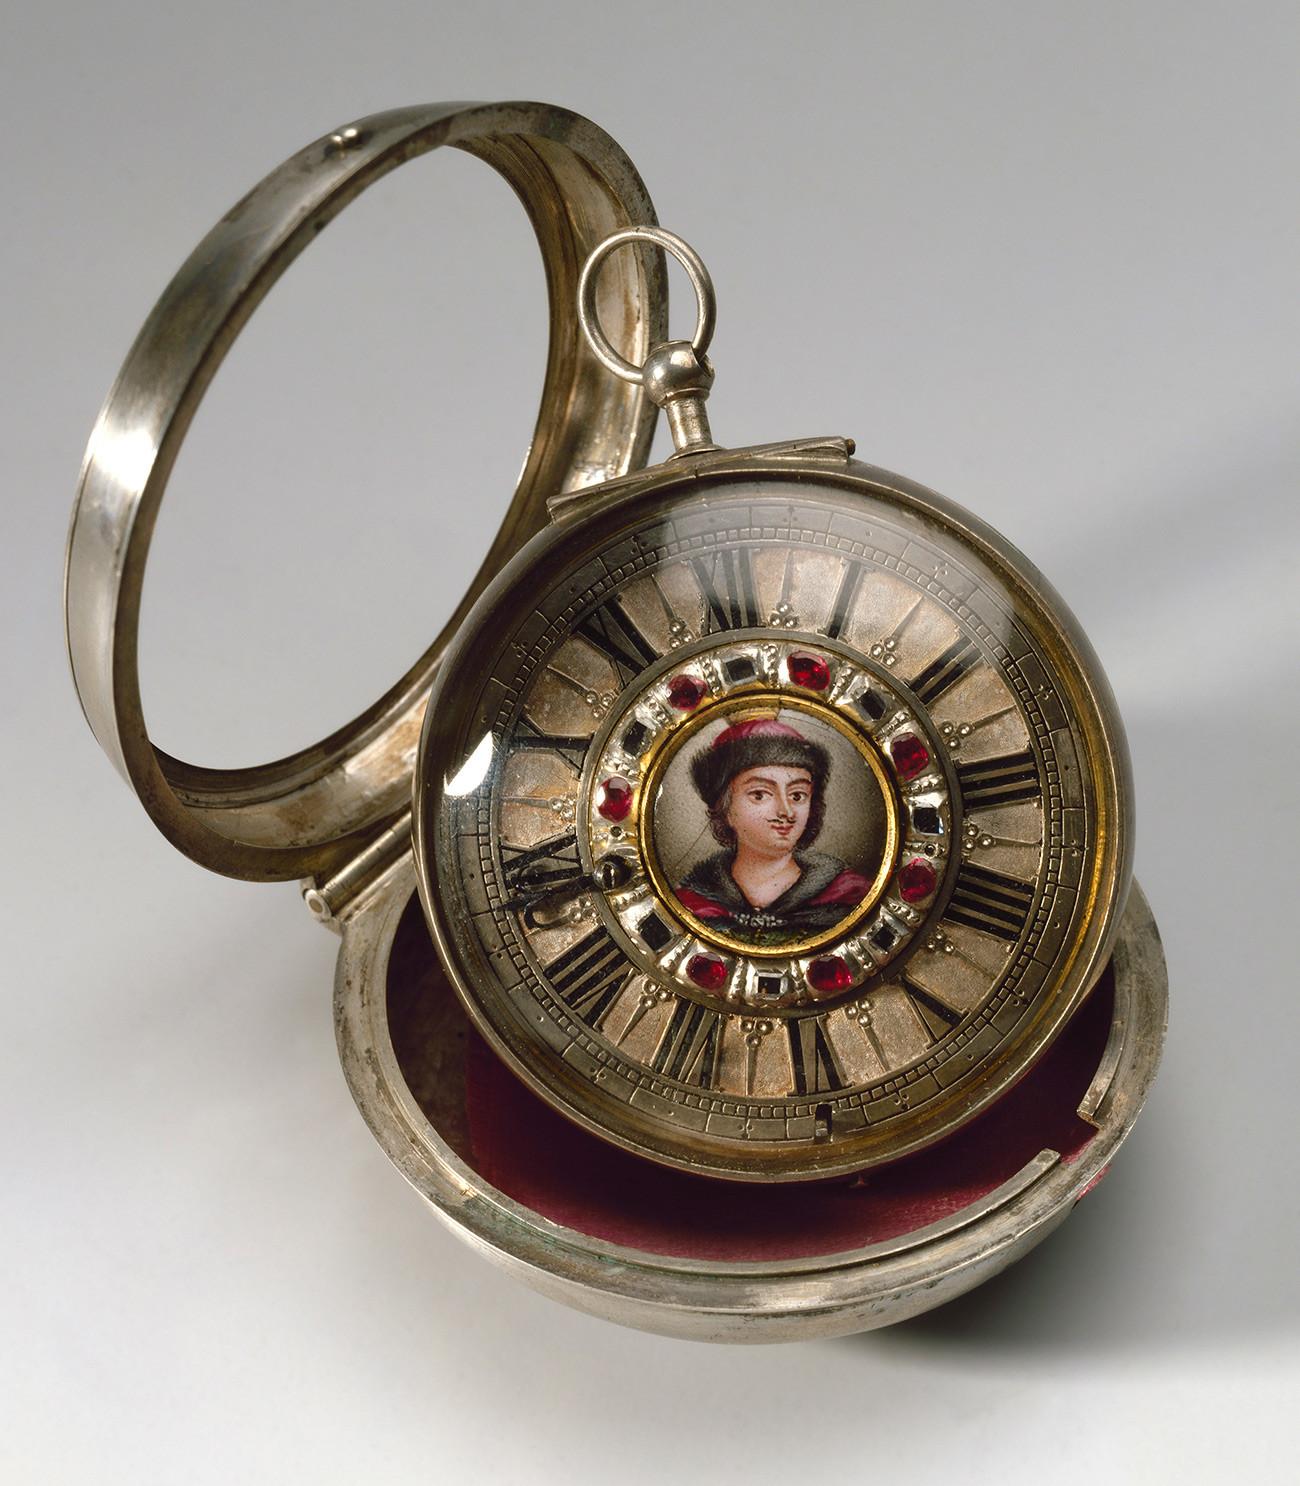 SAT U DVOSTRUKOM KUĆIŠTU. London (?), početkom 18. st. izrada: Paul Lullen. Legure bakra, čelik, polirani čelik, srebro, emajl, dijamanti, rubini, pozlata, tiskanje, staklo, svila.